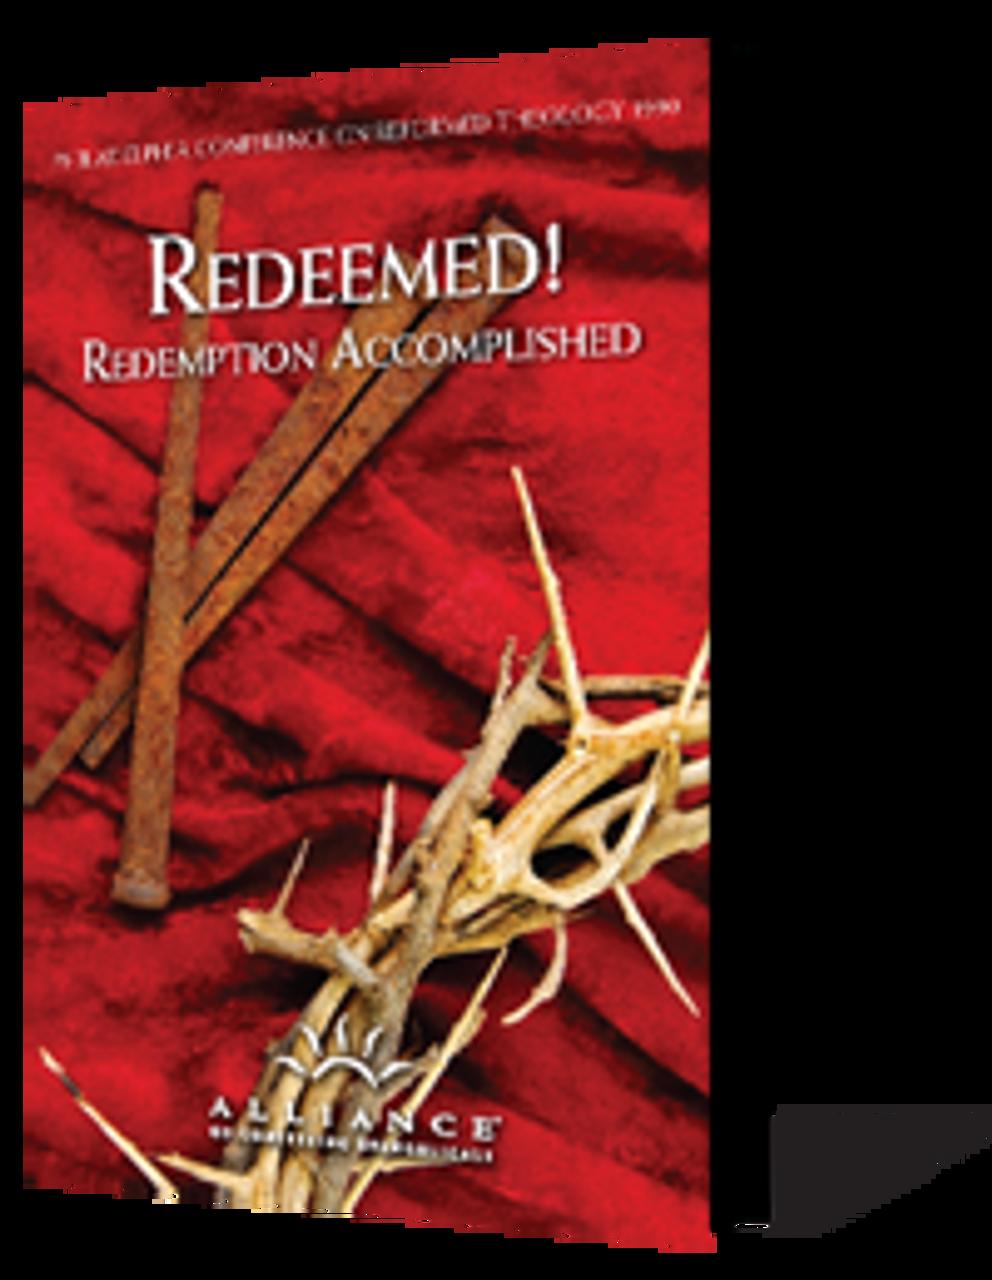 Redeemed! Redemption Accomplished PCRT 1990 (CD Set)